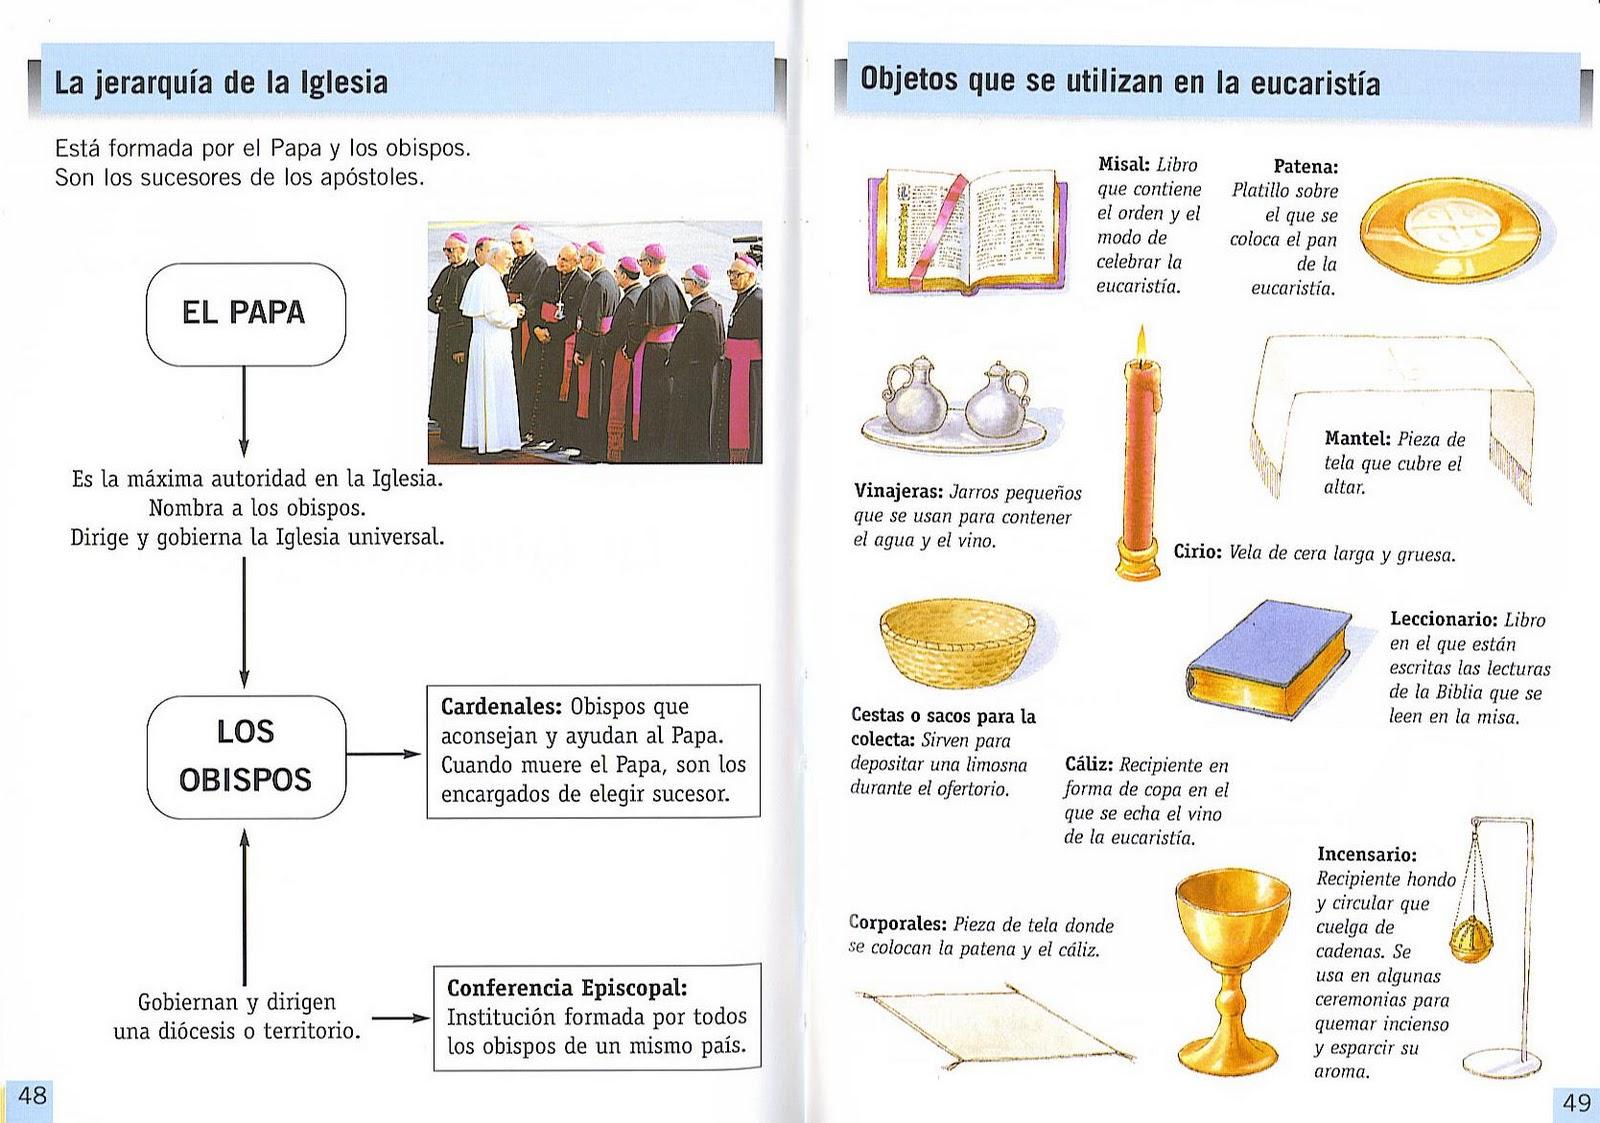 MATERIALES DE RELIGIÓN CATÓLICA: LA JERARQUÍA DE LA IGLESIA ...